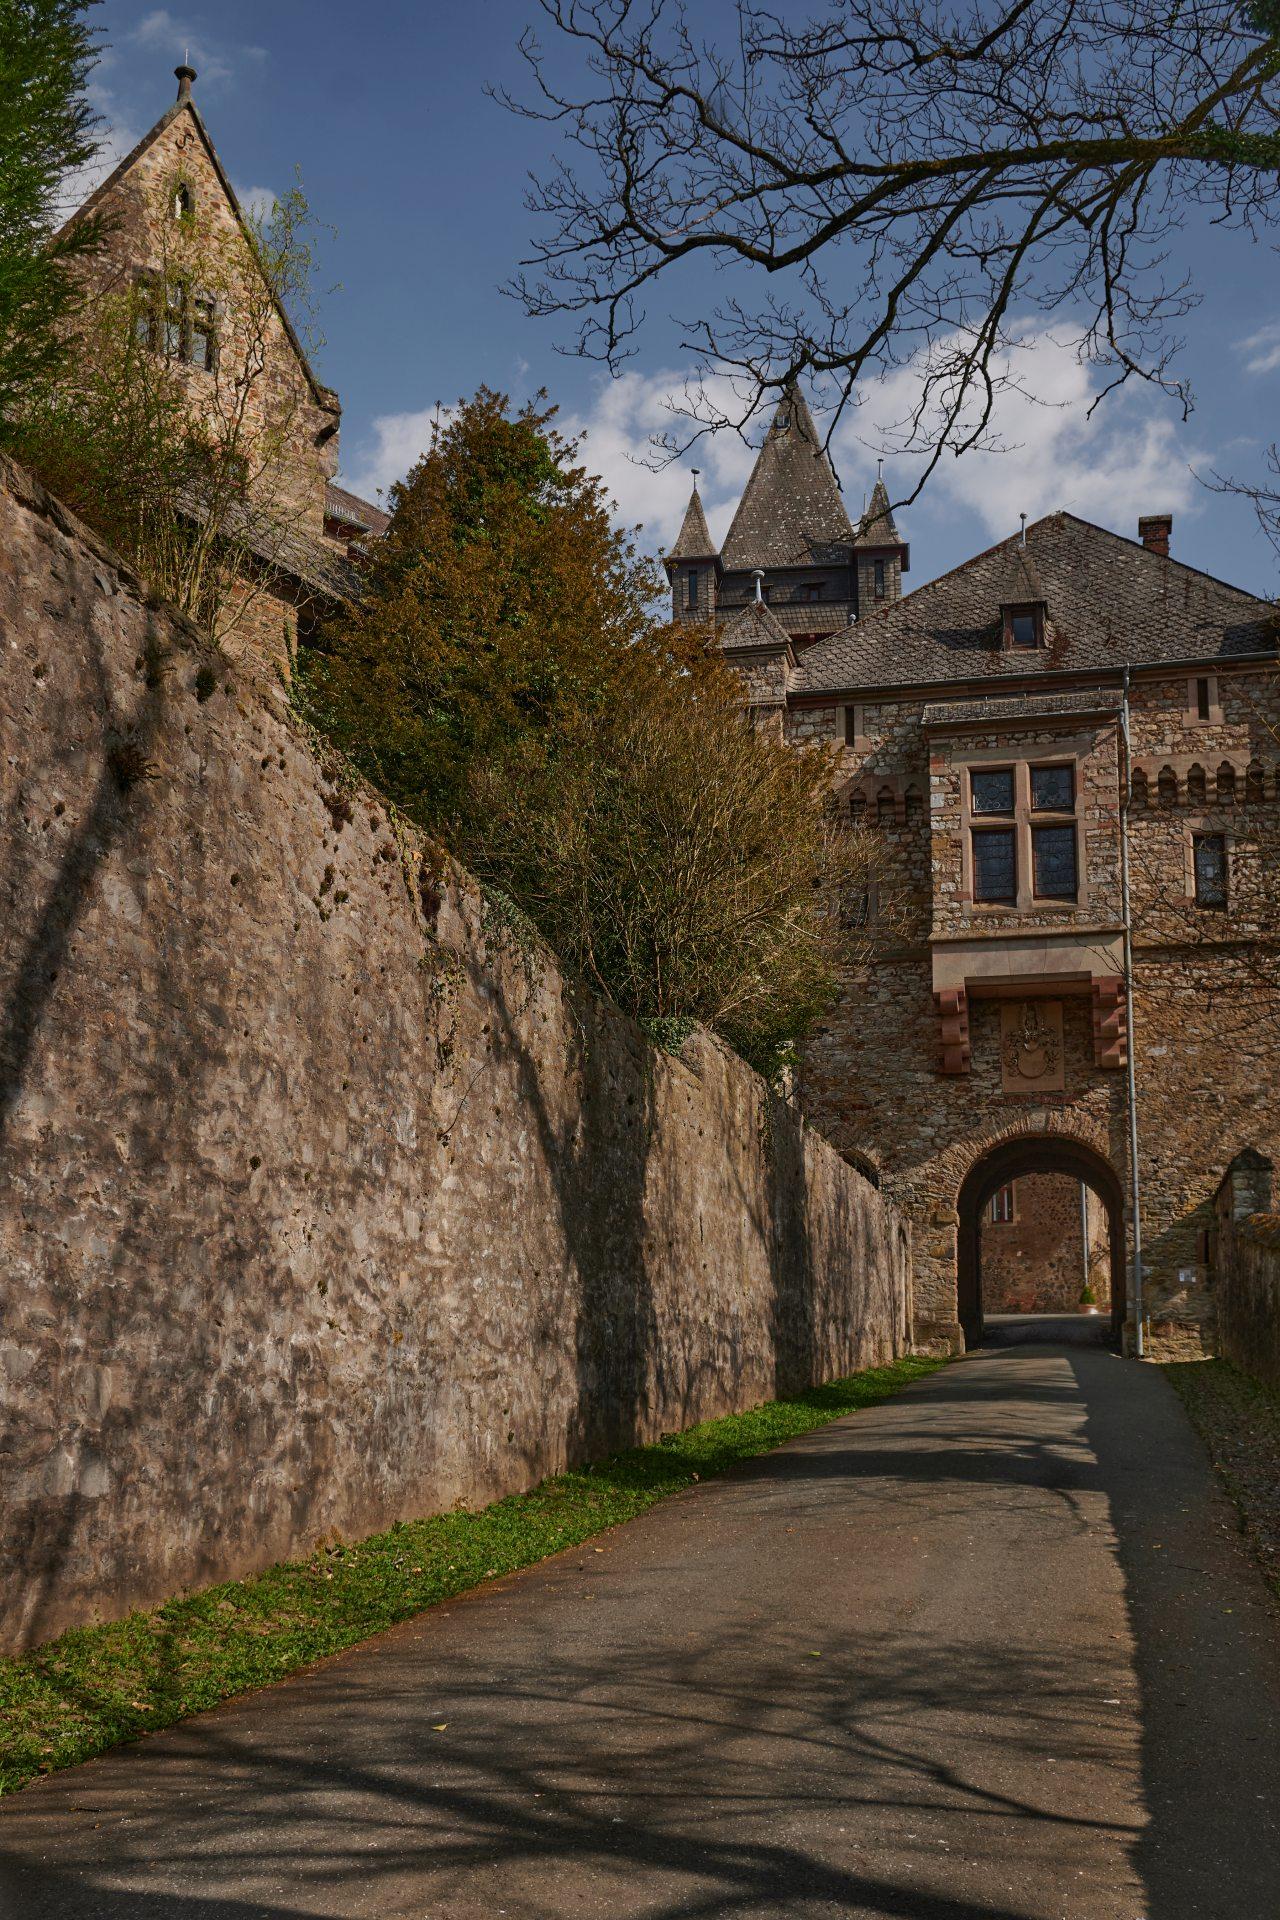 Eine Führung lohnt sich sehr, weil auch das Innere der Burg viel zu bieten hat. Leider wegen der Seuche zur Zeit nicht machbar